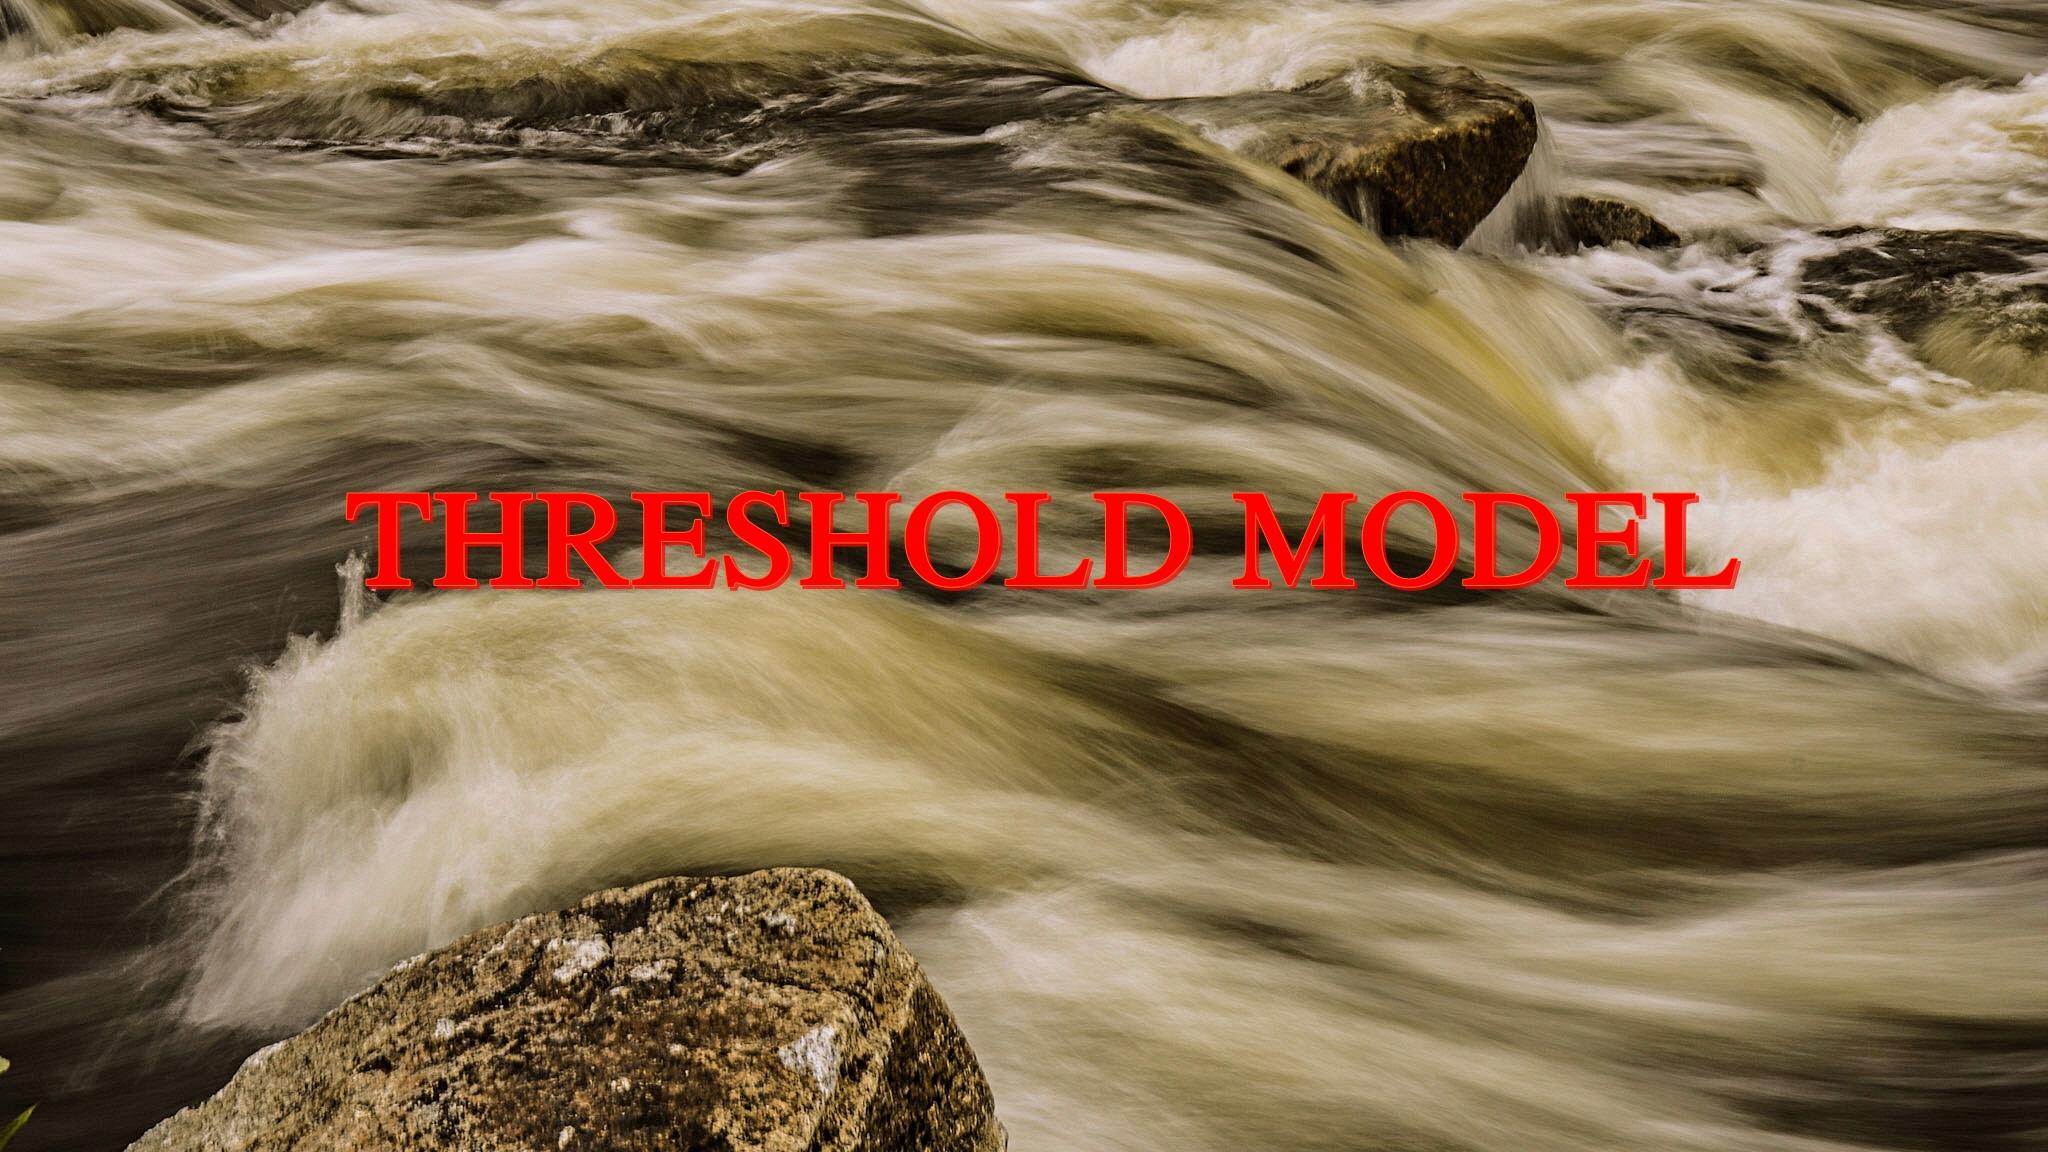 35788306705 b0545cc049 o - mô hình hồi quy ngưỡng threshold model